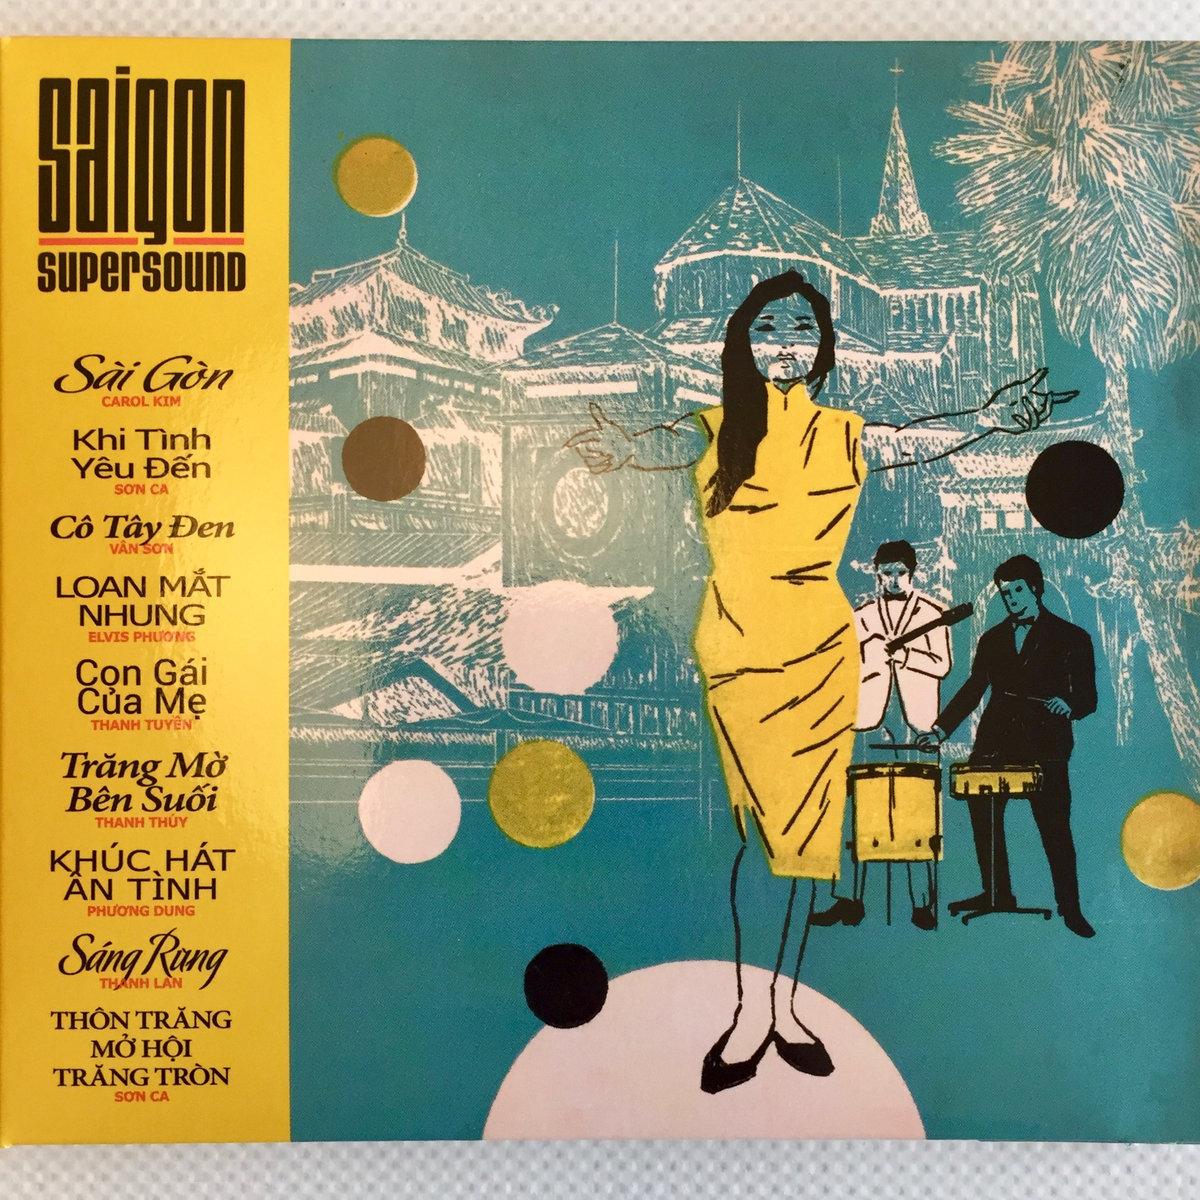 Saigon Supersound Vol  2 | INFRACom!